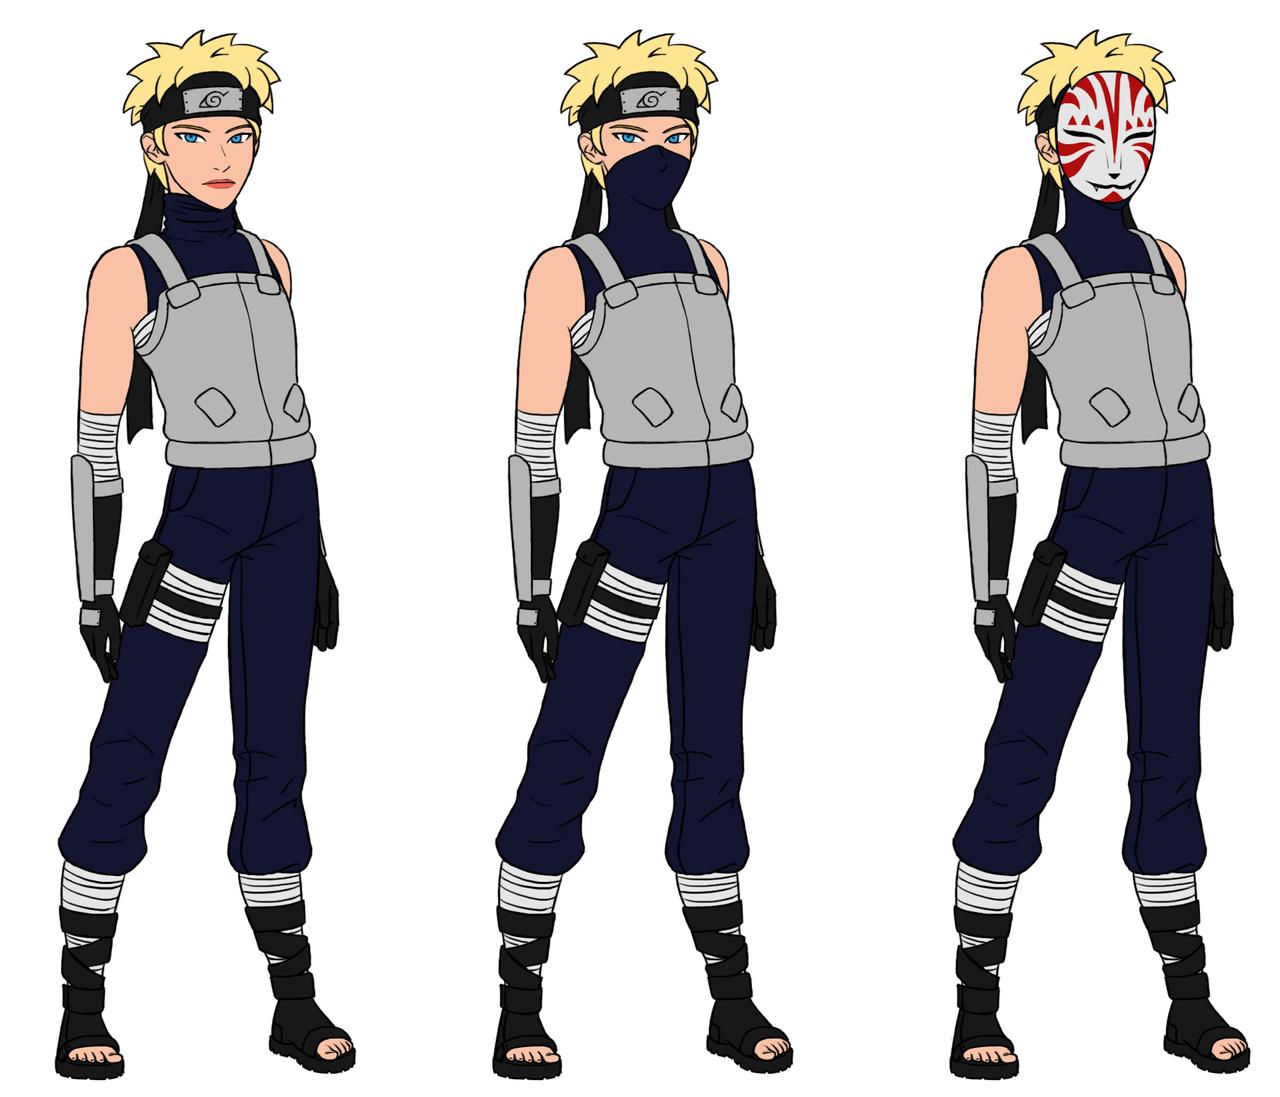 Naruto Oc Aya By Minamino18sayuri On Deviantart: Aya ANBU By DragonsLover1 On DeviantArt